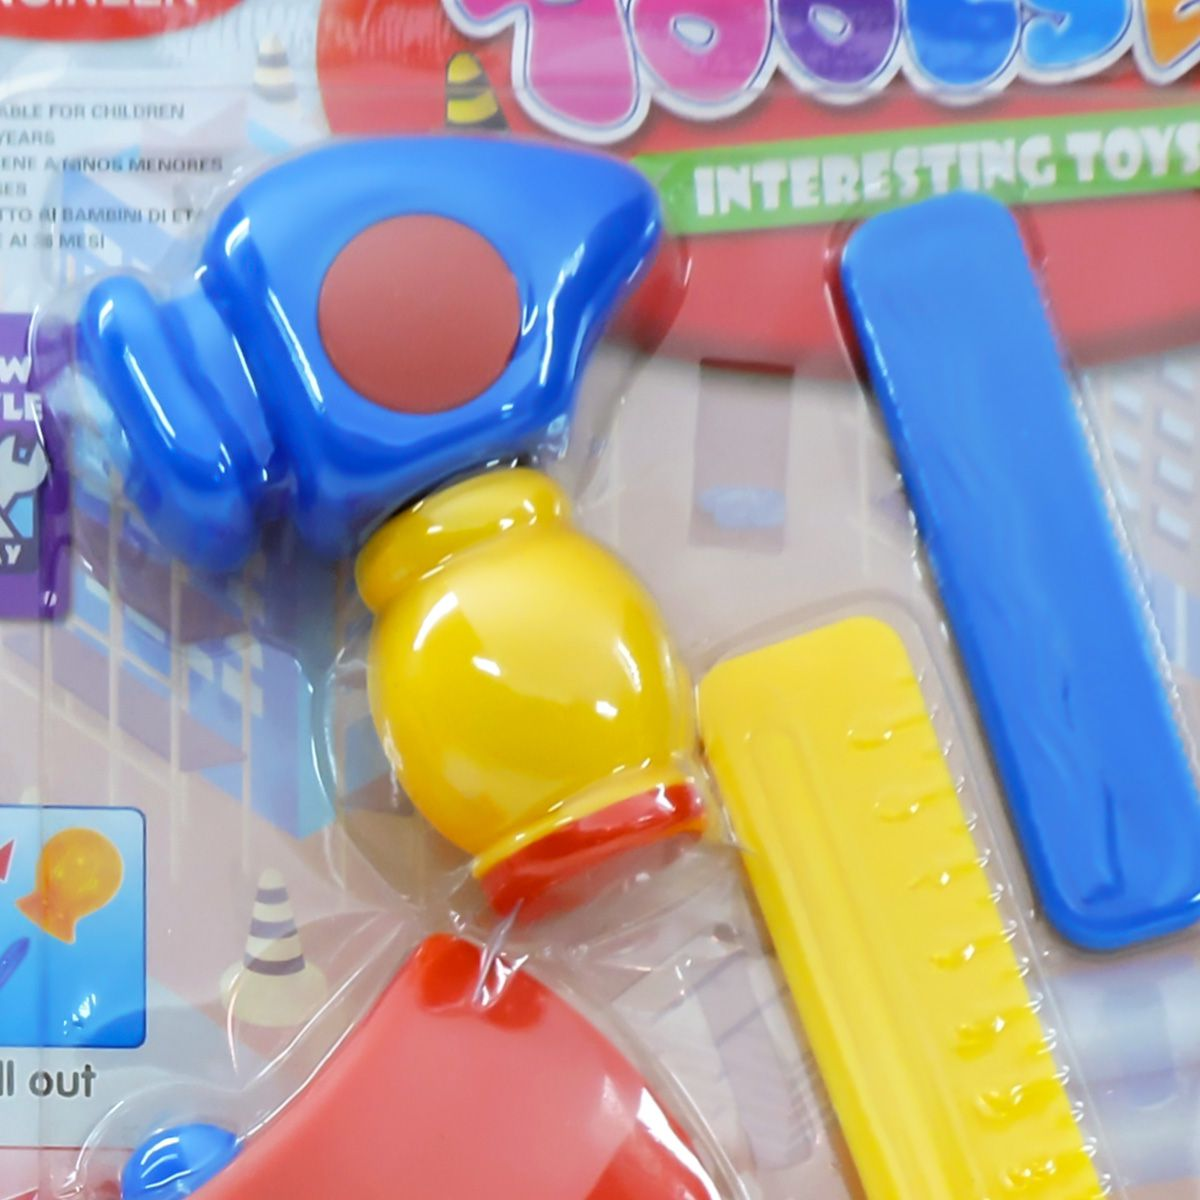 Kit Ferramentas De Brinquedo Infantil 13 Peças